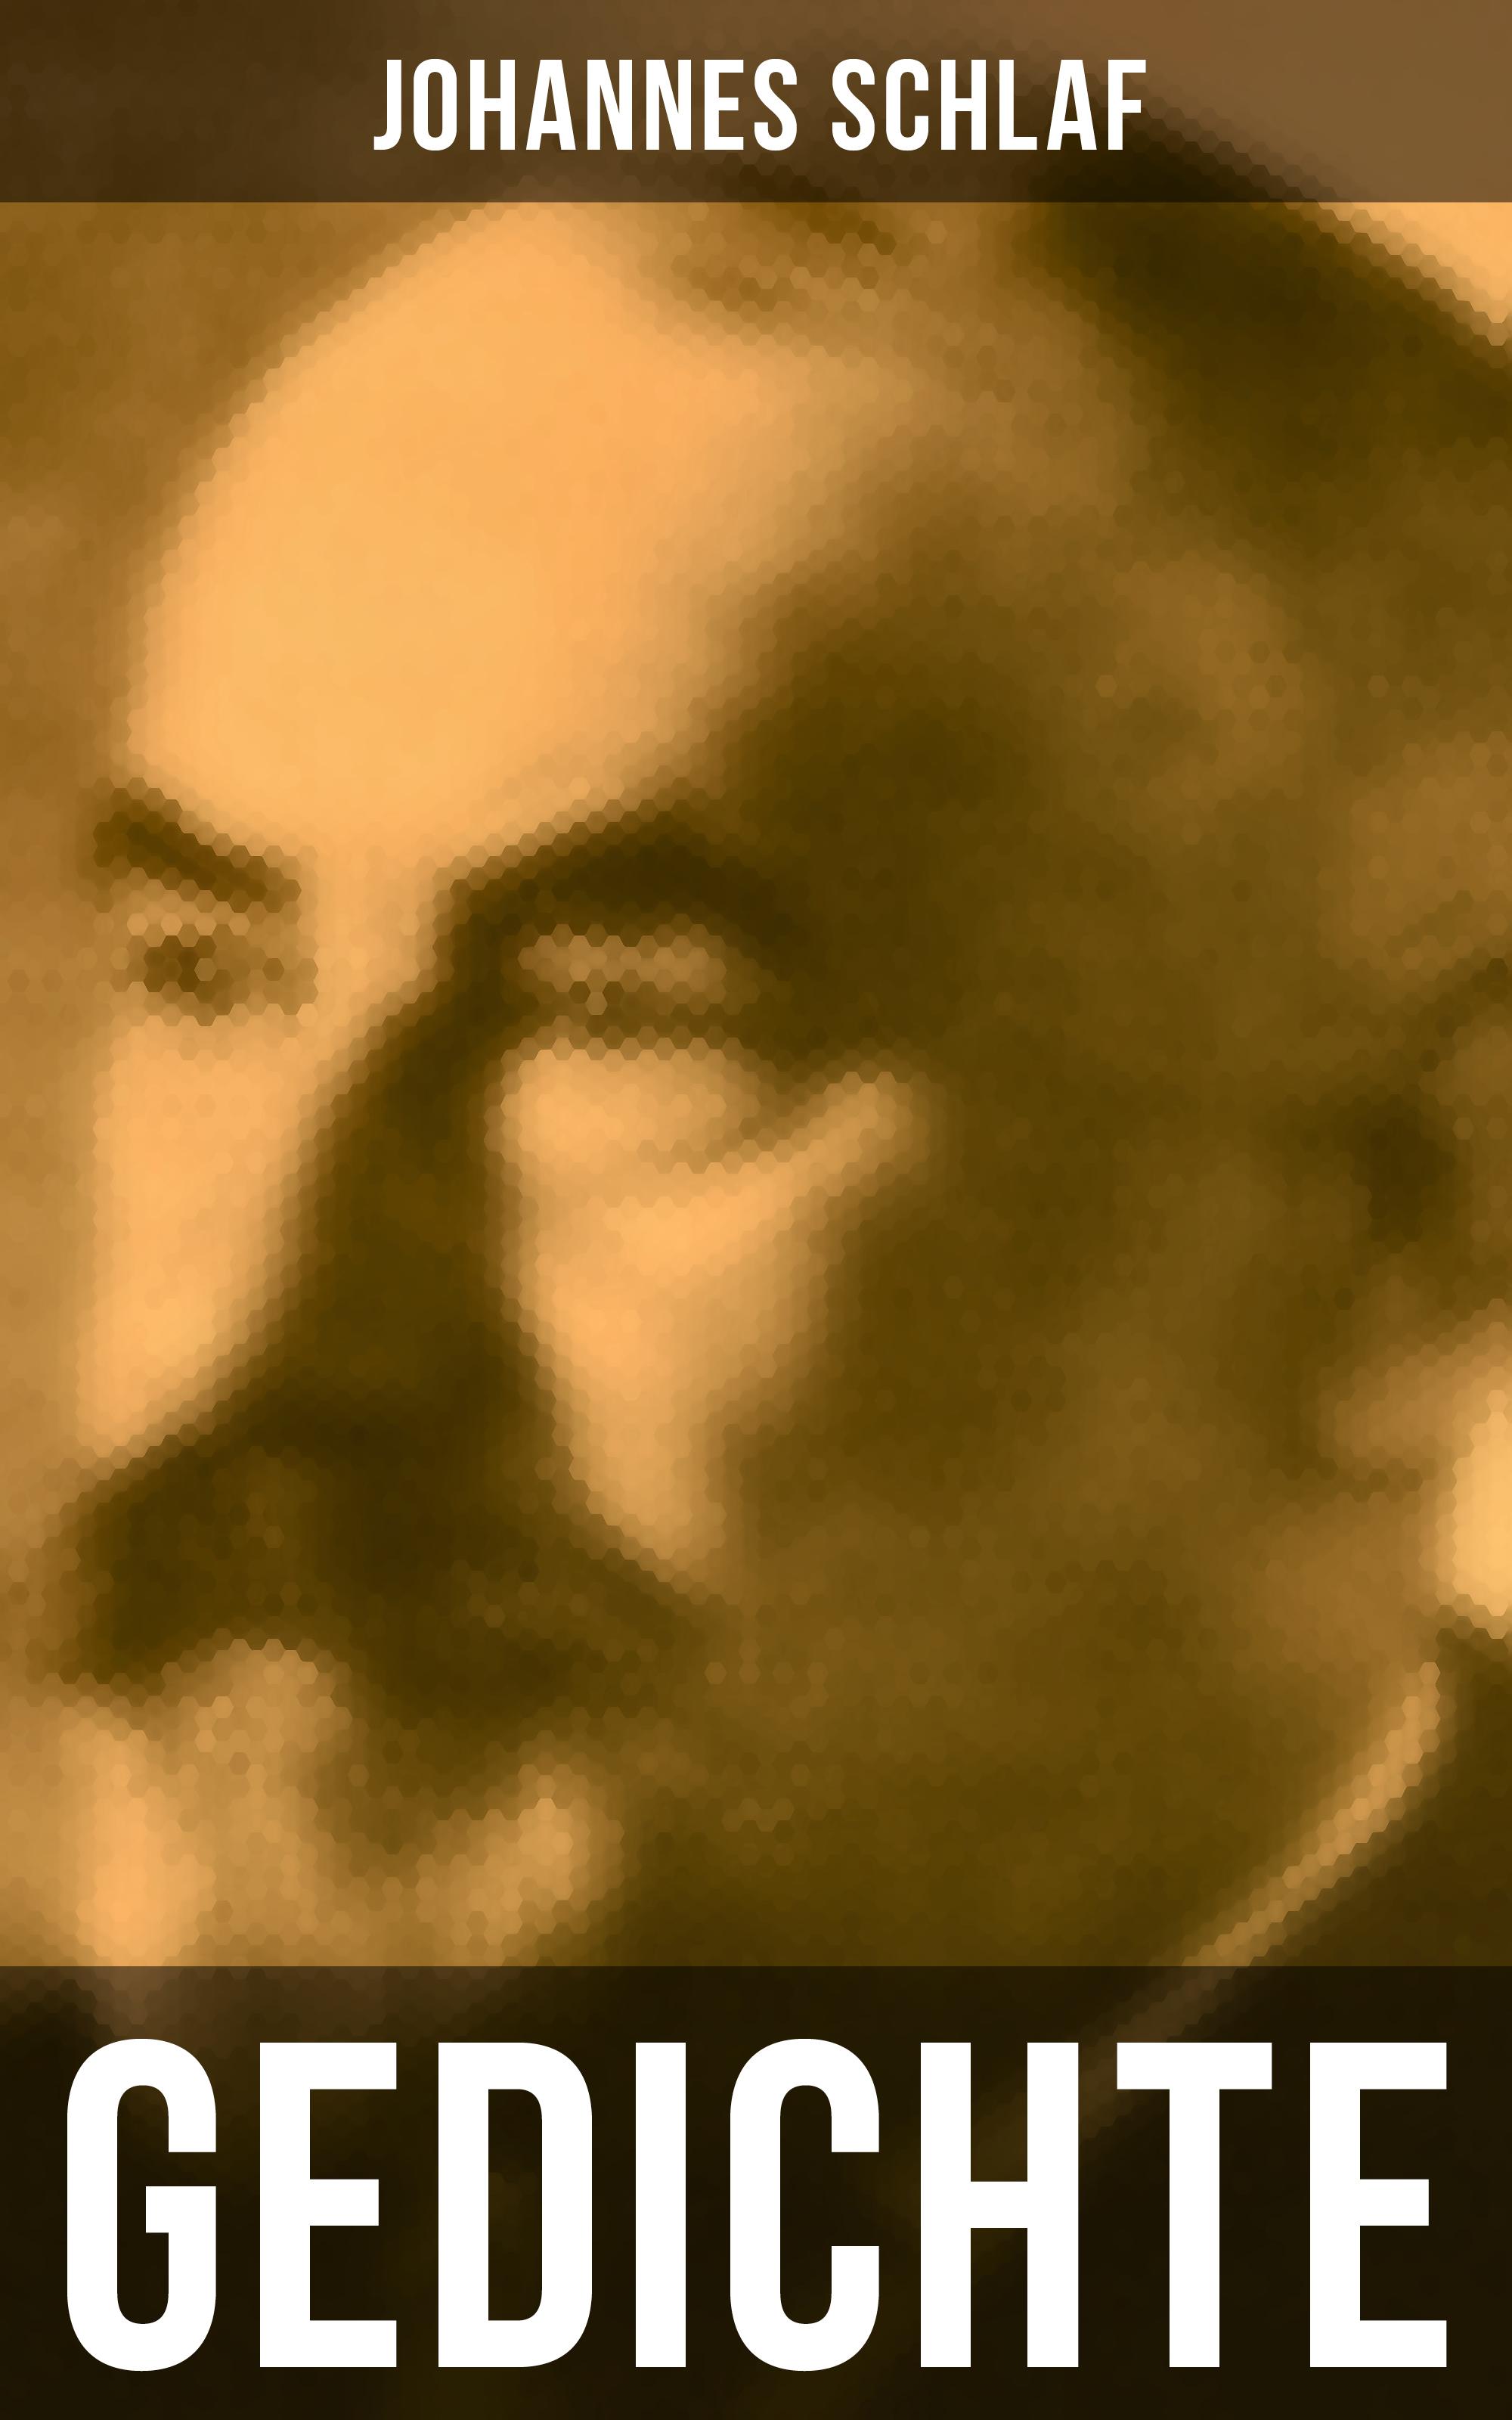 Johannes Schlaf Gedichte johannes saca 24